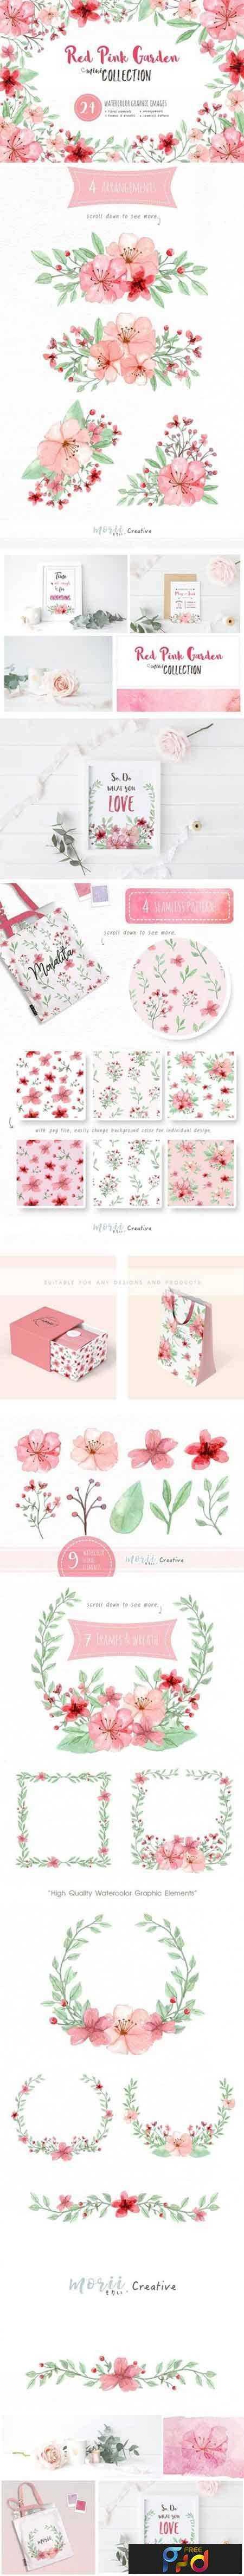 1707025 RedPink Garden Flower Graphic Set 1908827 1